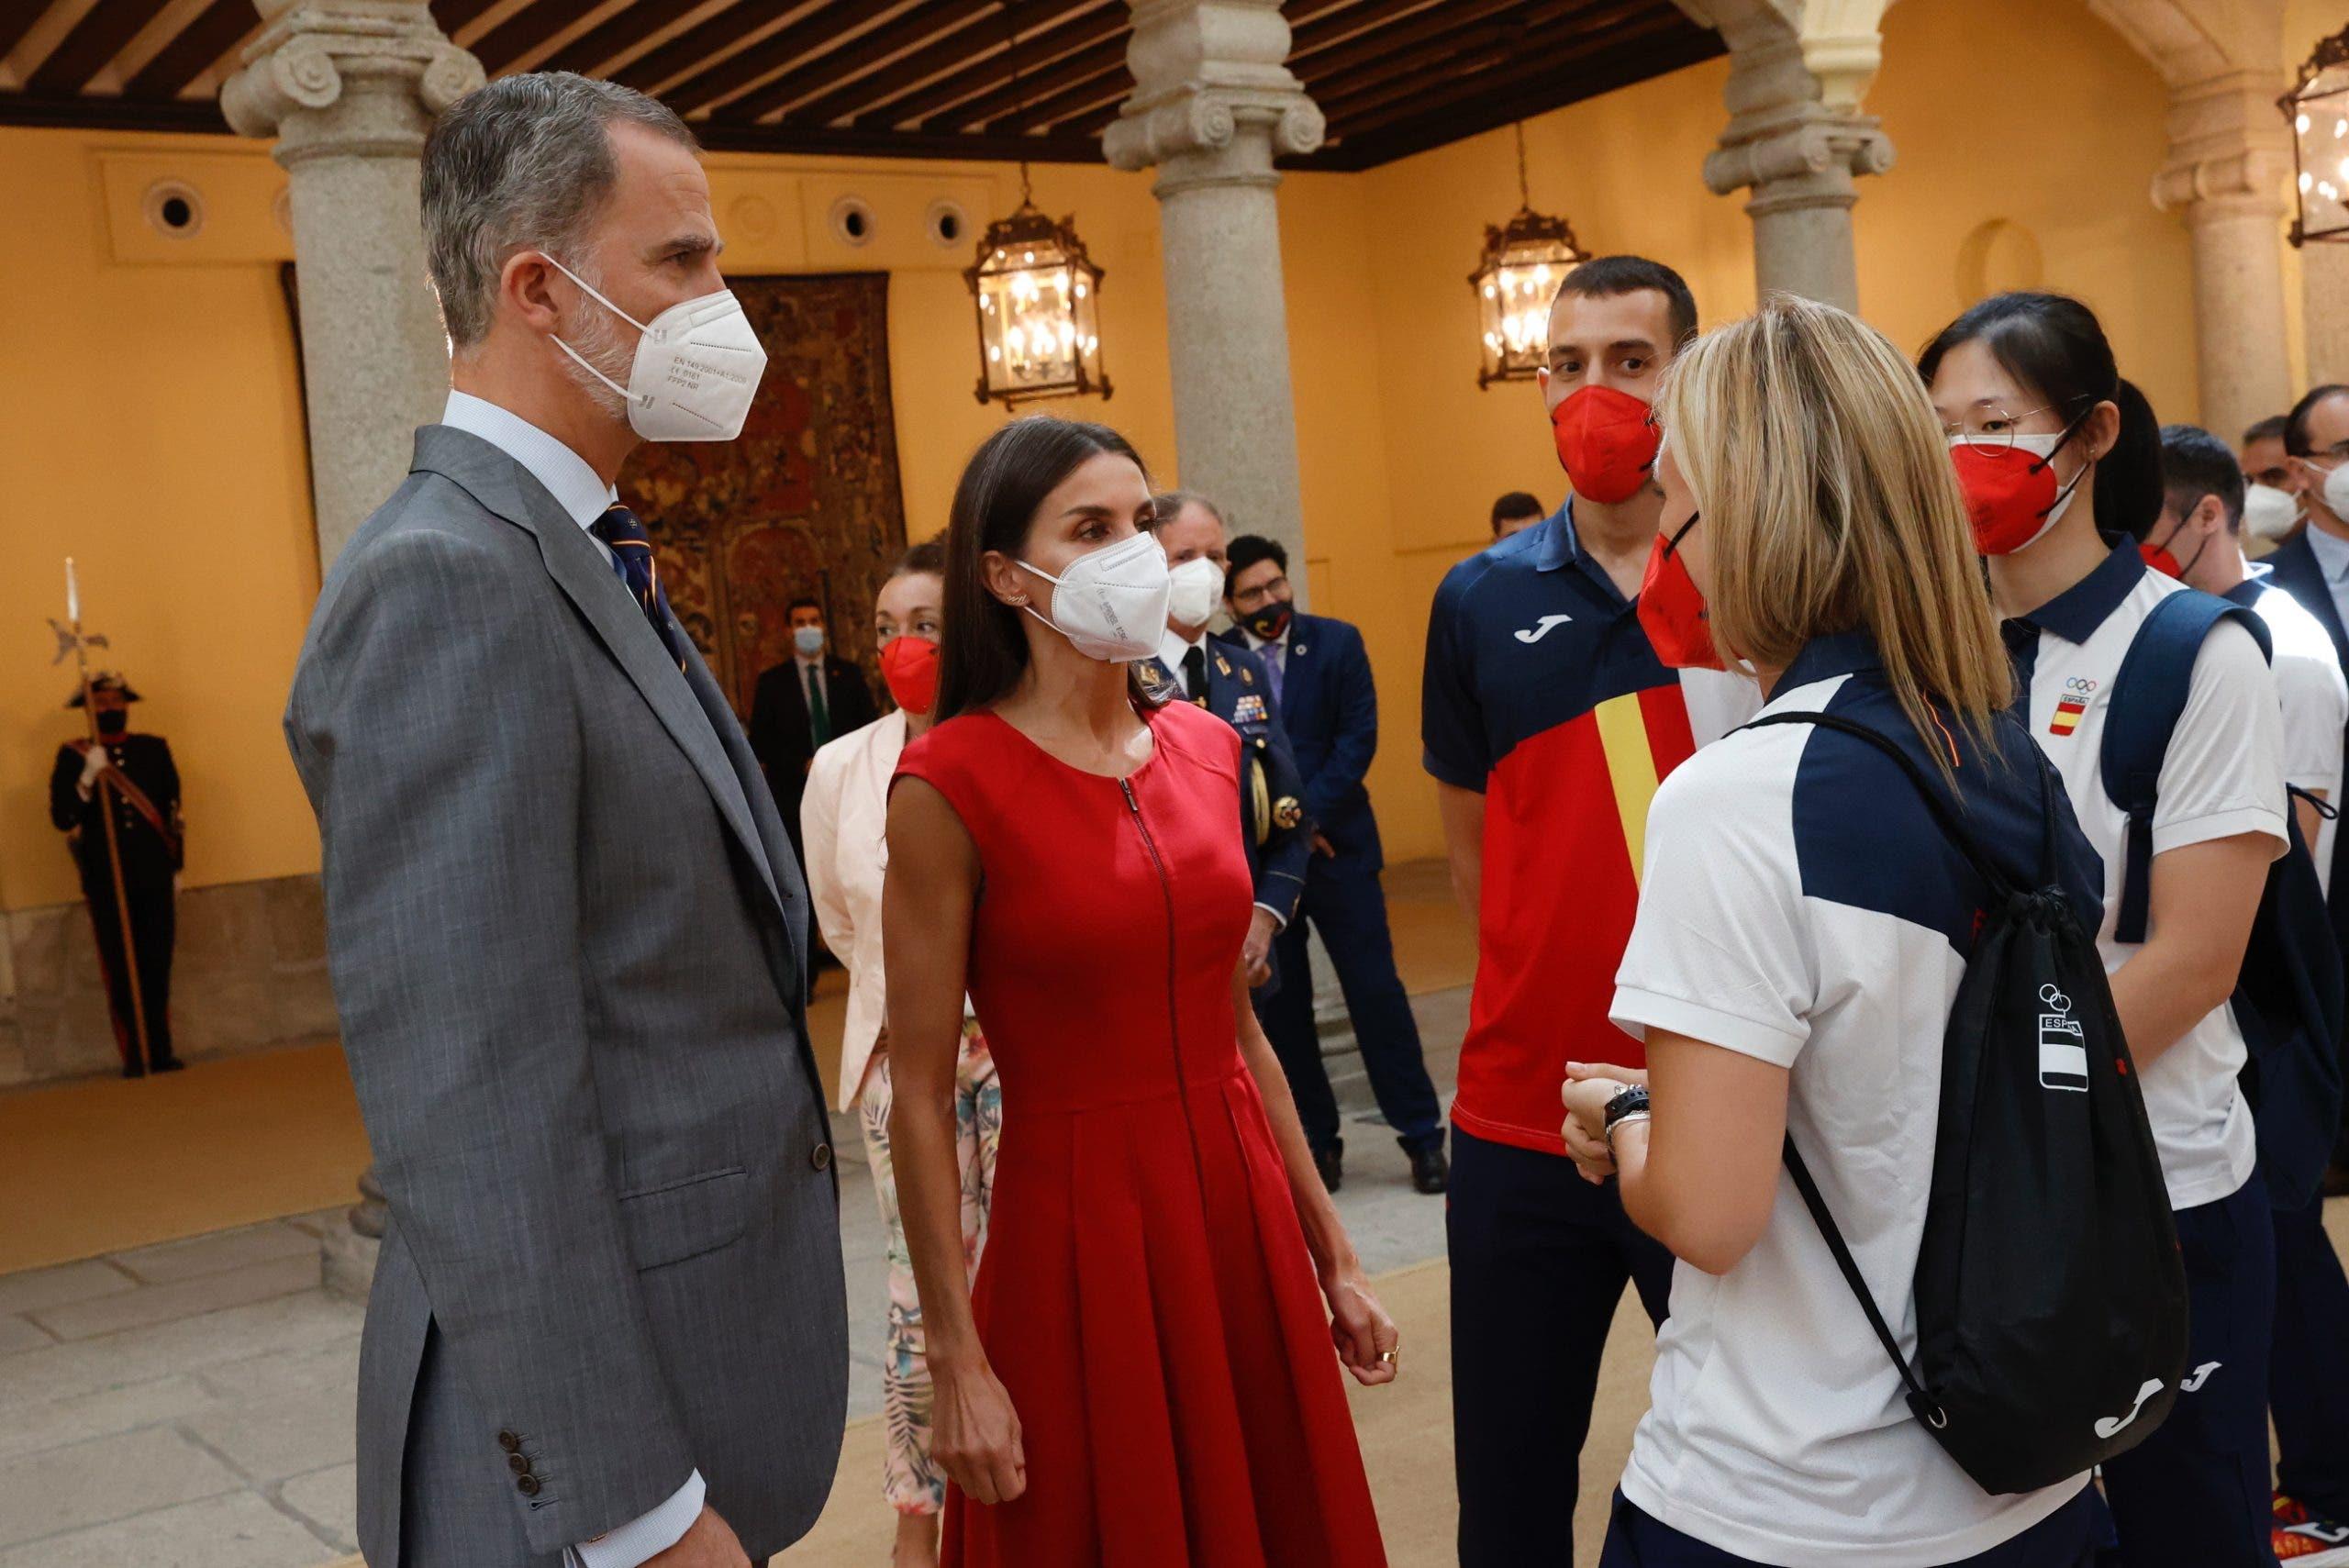 Estupor en Zarzuela: un familiar de Doña Letizia confirma los peores temores de CNI y Casa Real